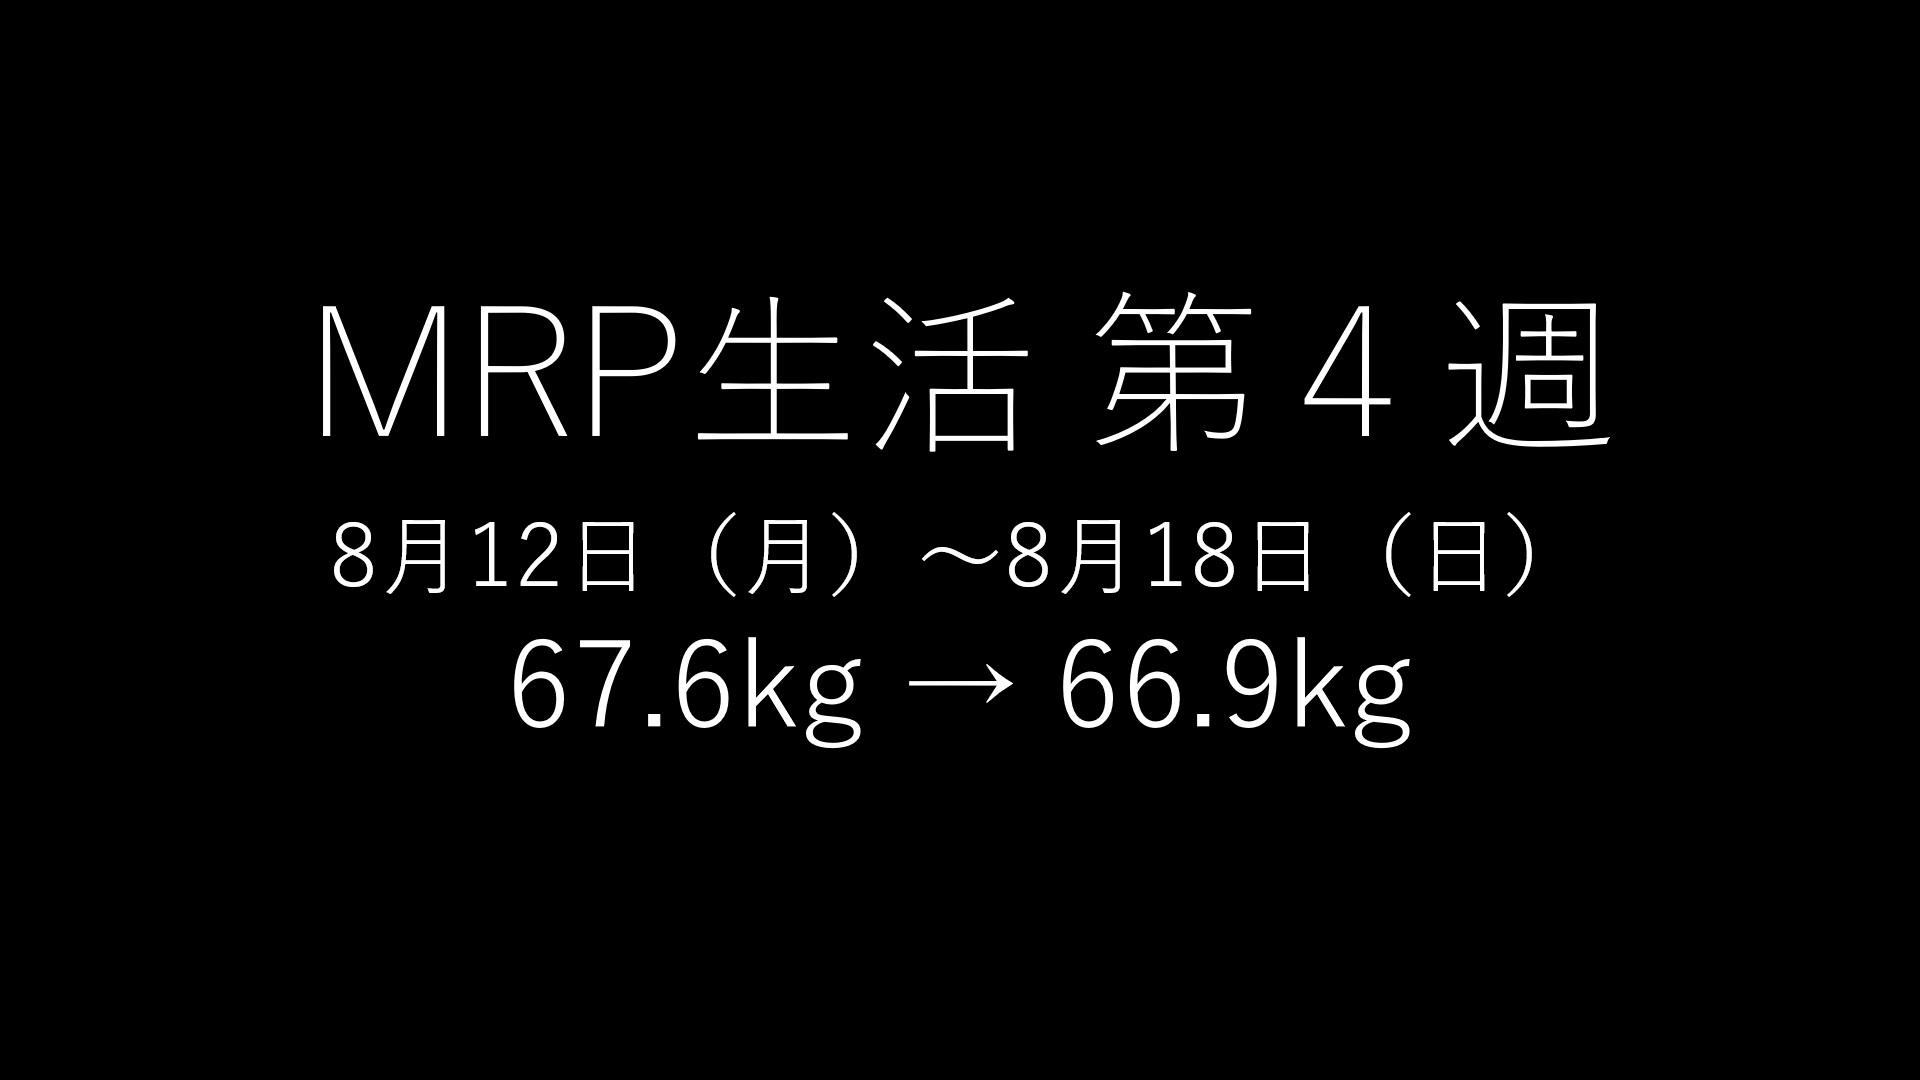 「基本的にMRPだけで生きてみる」第5回のアイキャッチ画像